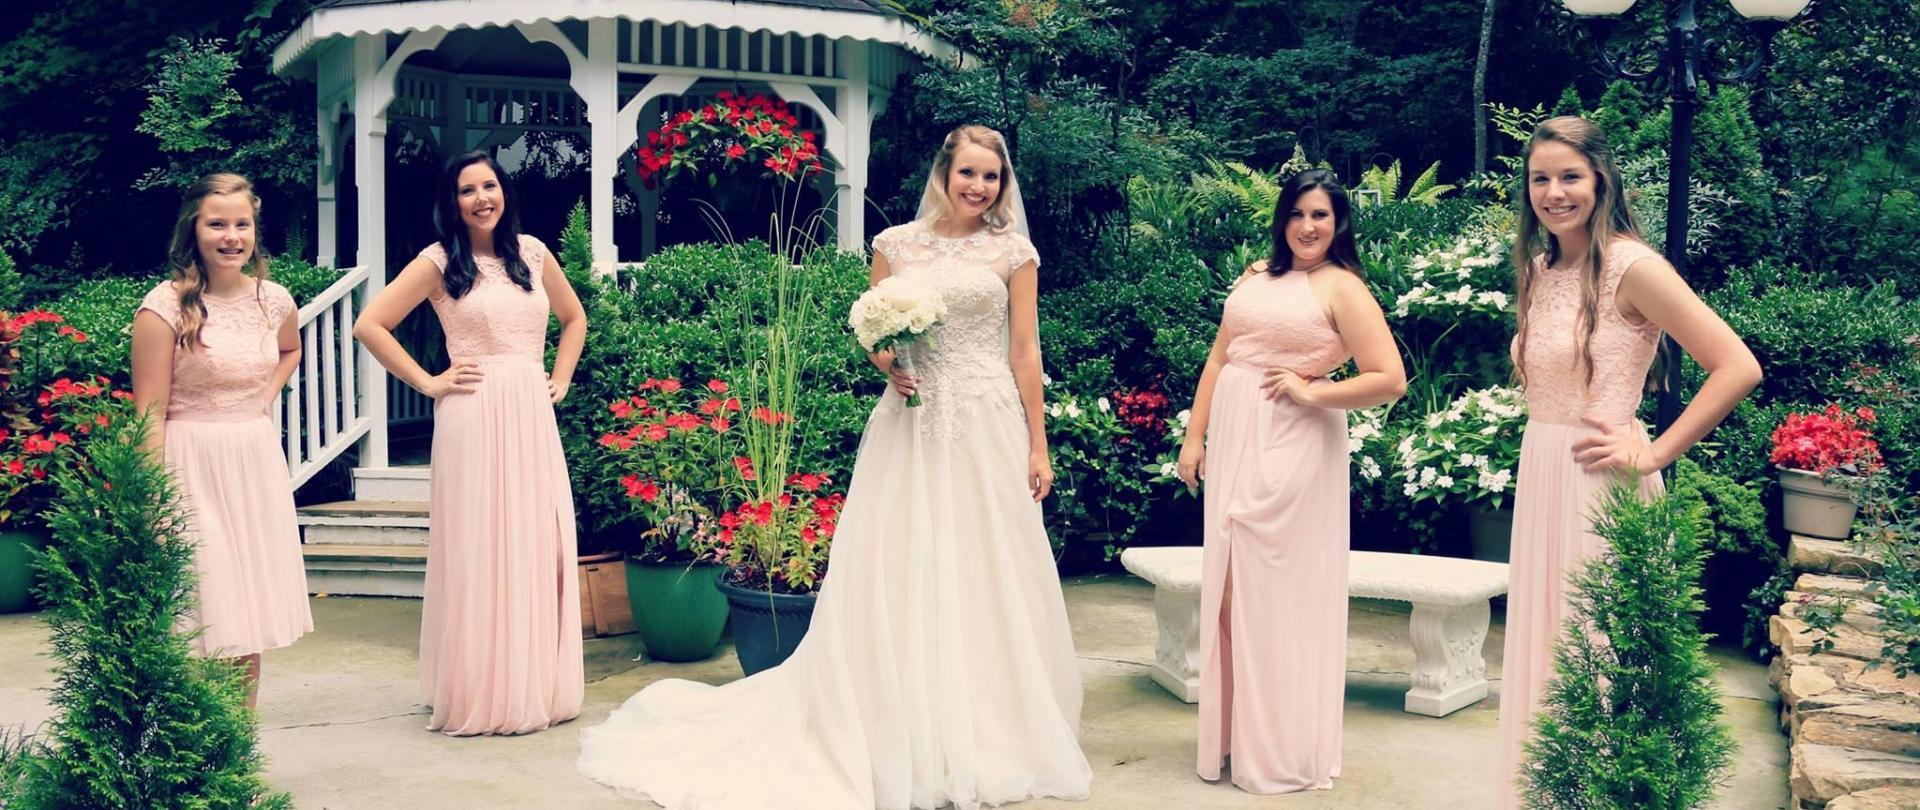 CATP Bride and Bridesmaids 08-18-18 .jpg